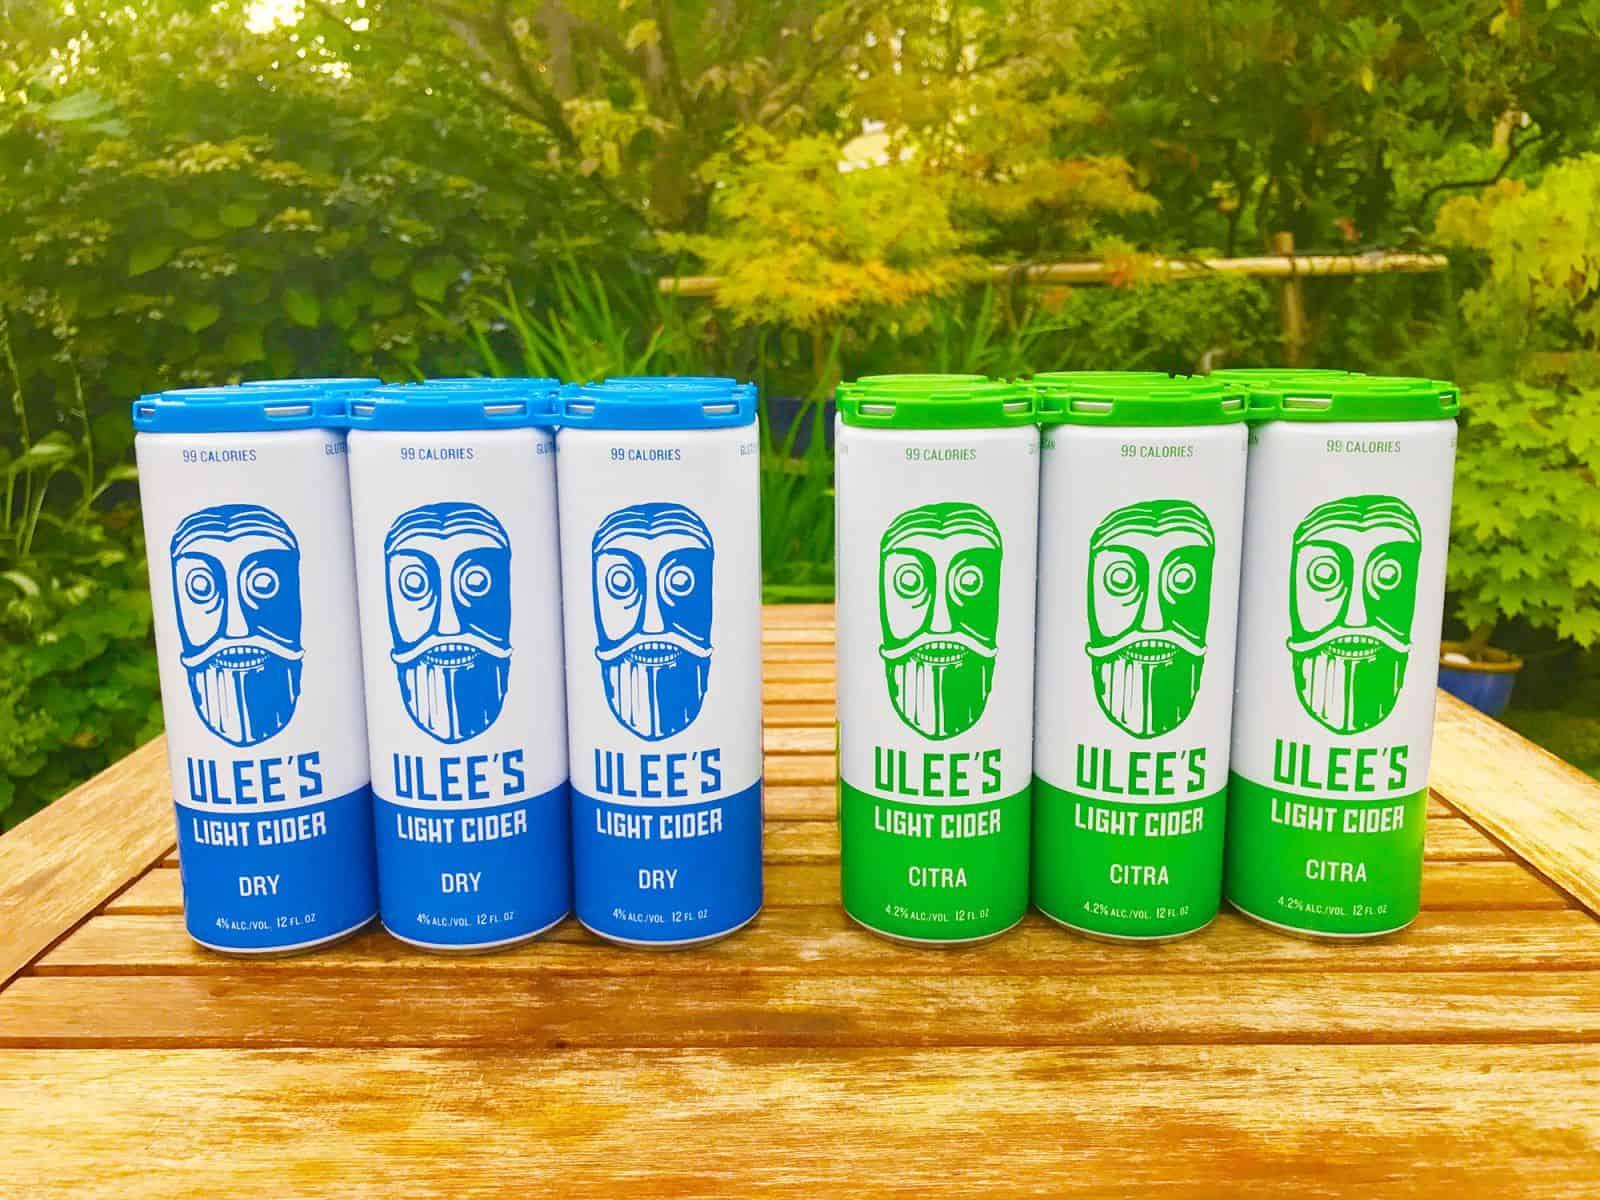 Ulee's Light Cider